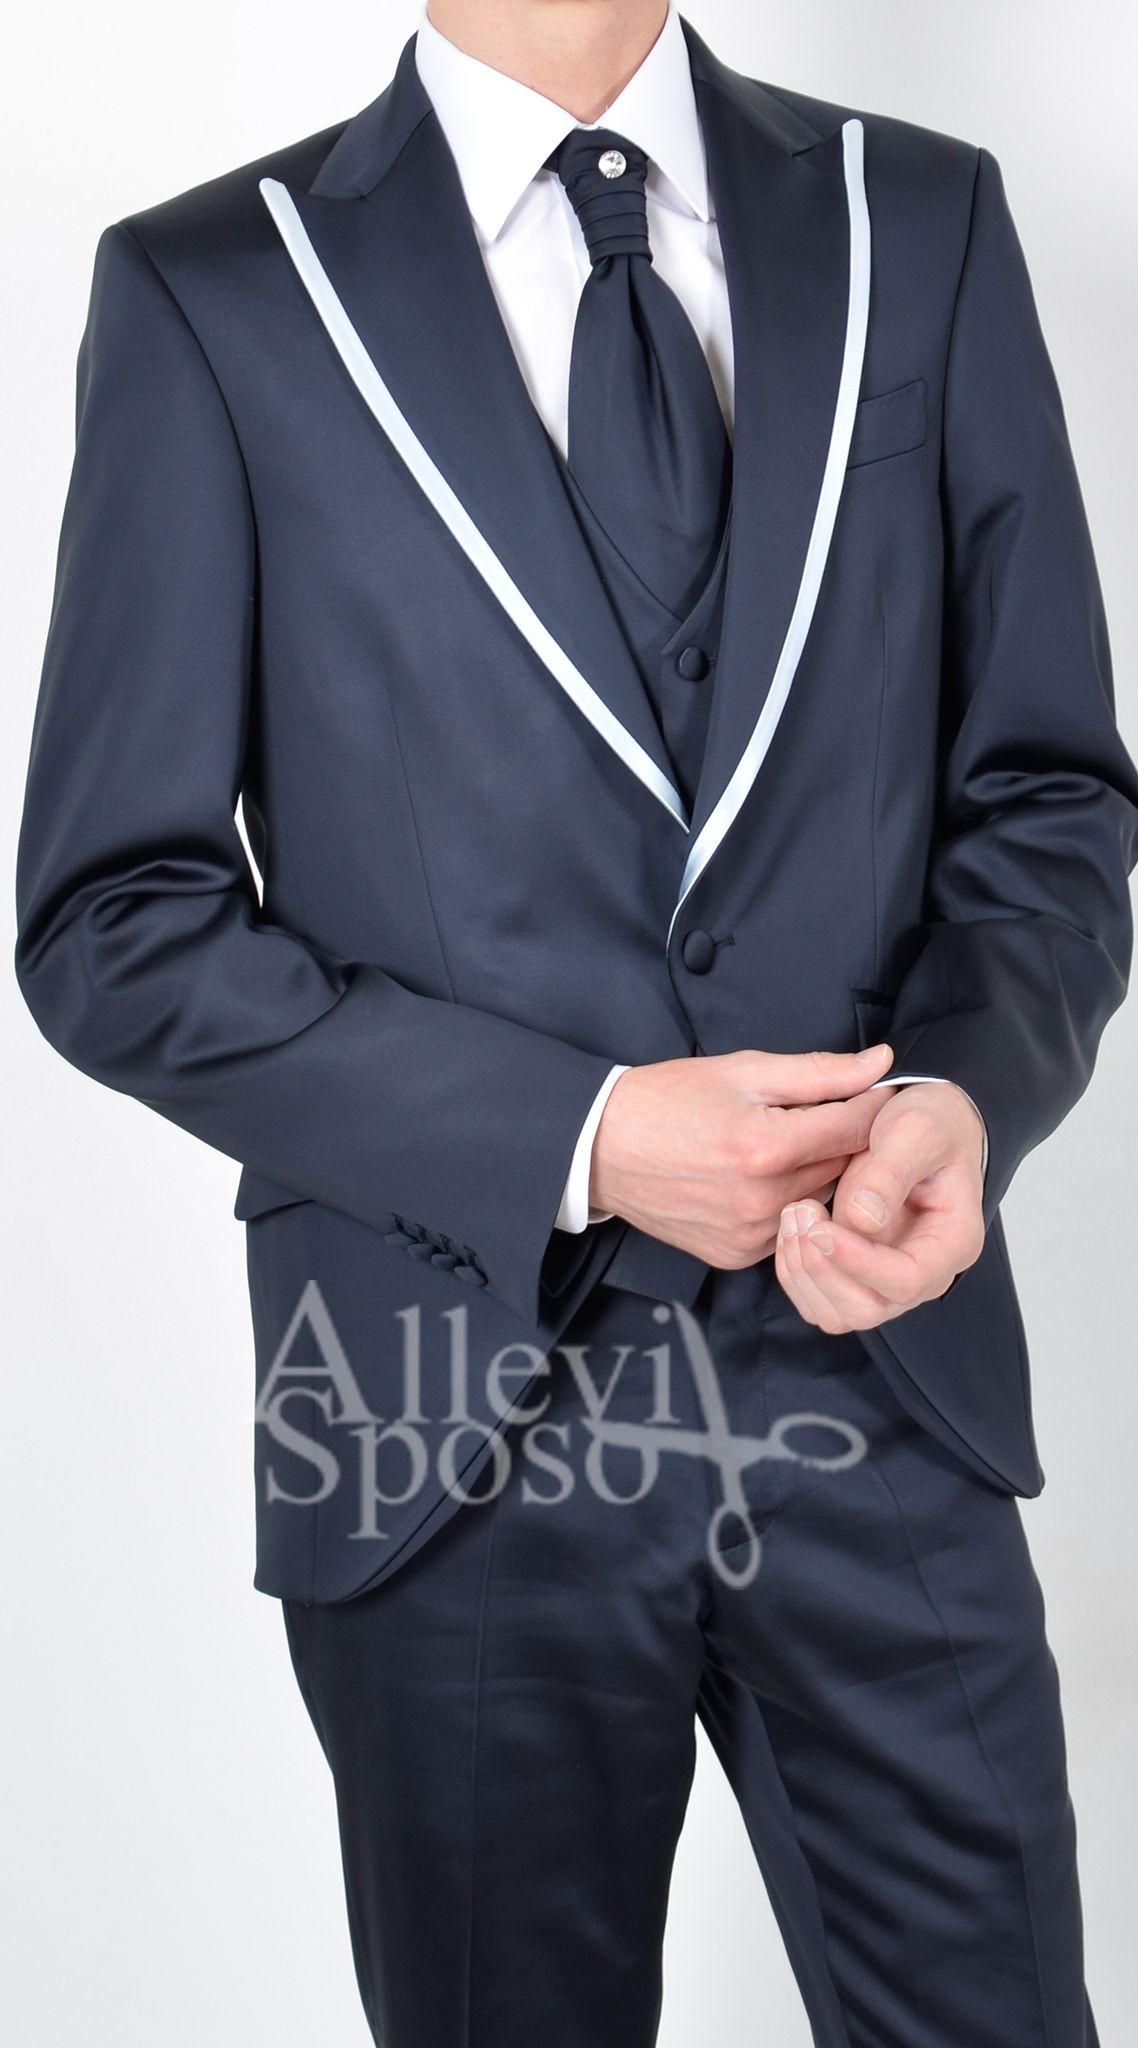 ABITO AZZURRO BLU CINA GILET DAMASCATO PETTO LANCIA DISPONIBILE PRESSO  ALLEVI SPOSO TEL  0363 914084  57529a21250